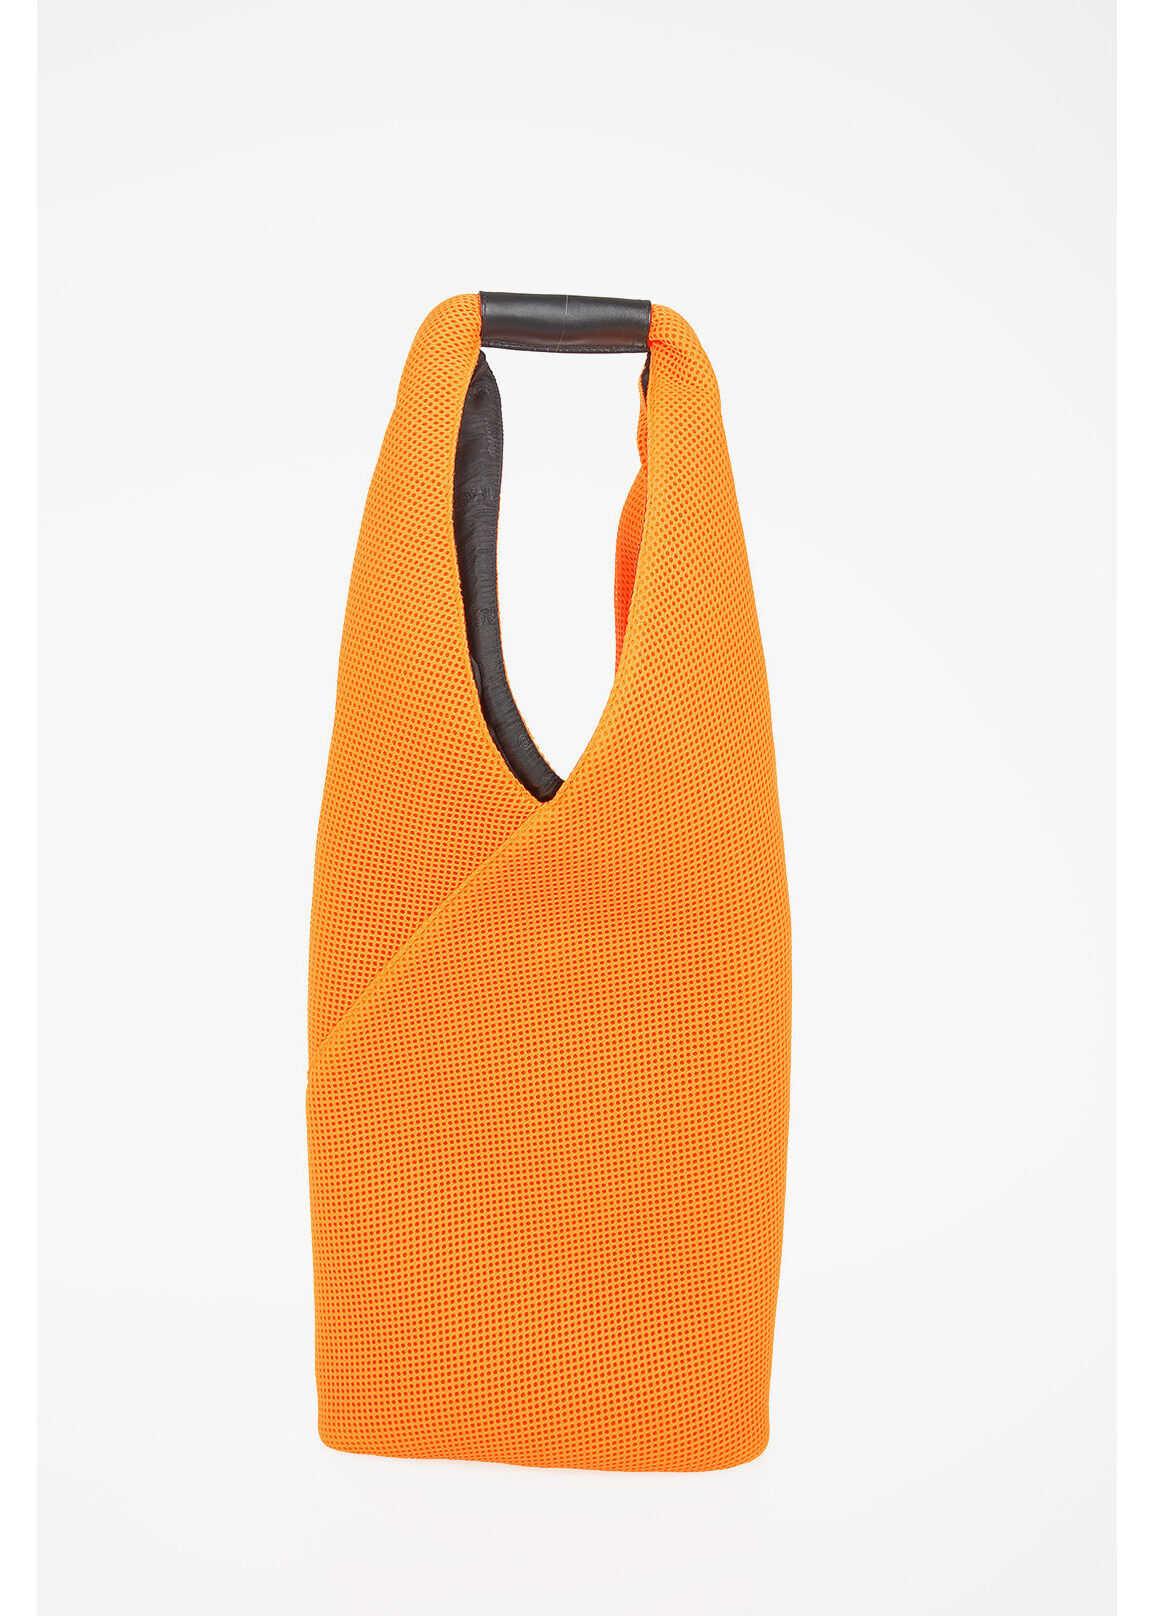 Maison Margiela MM6 Fabric Shopping Bag ORANGE